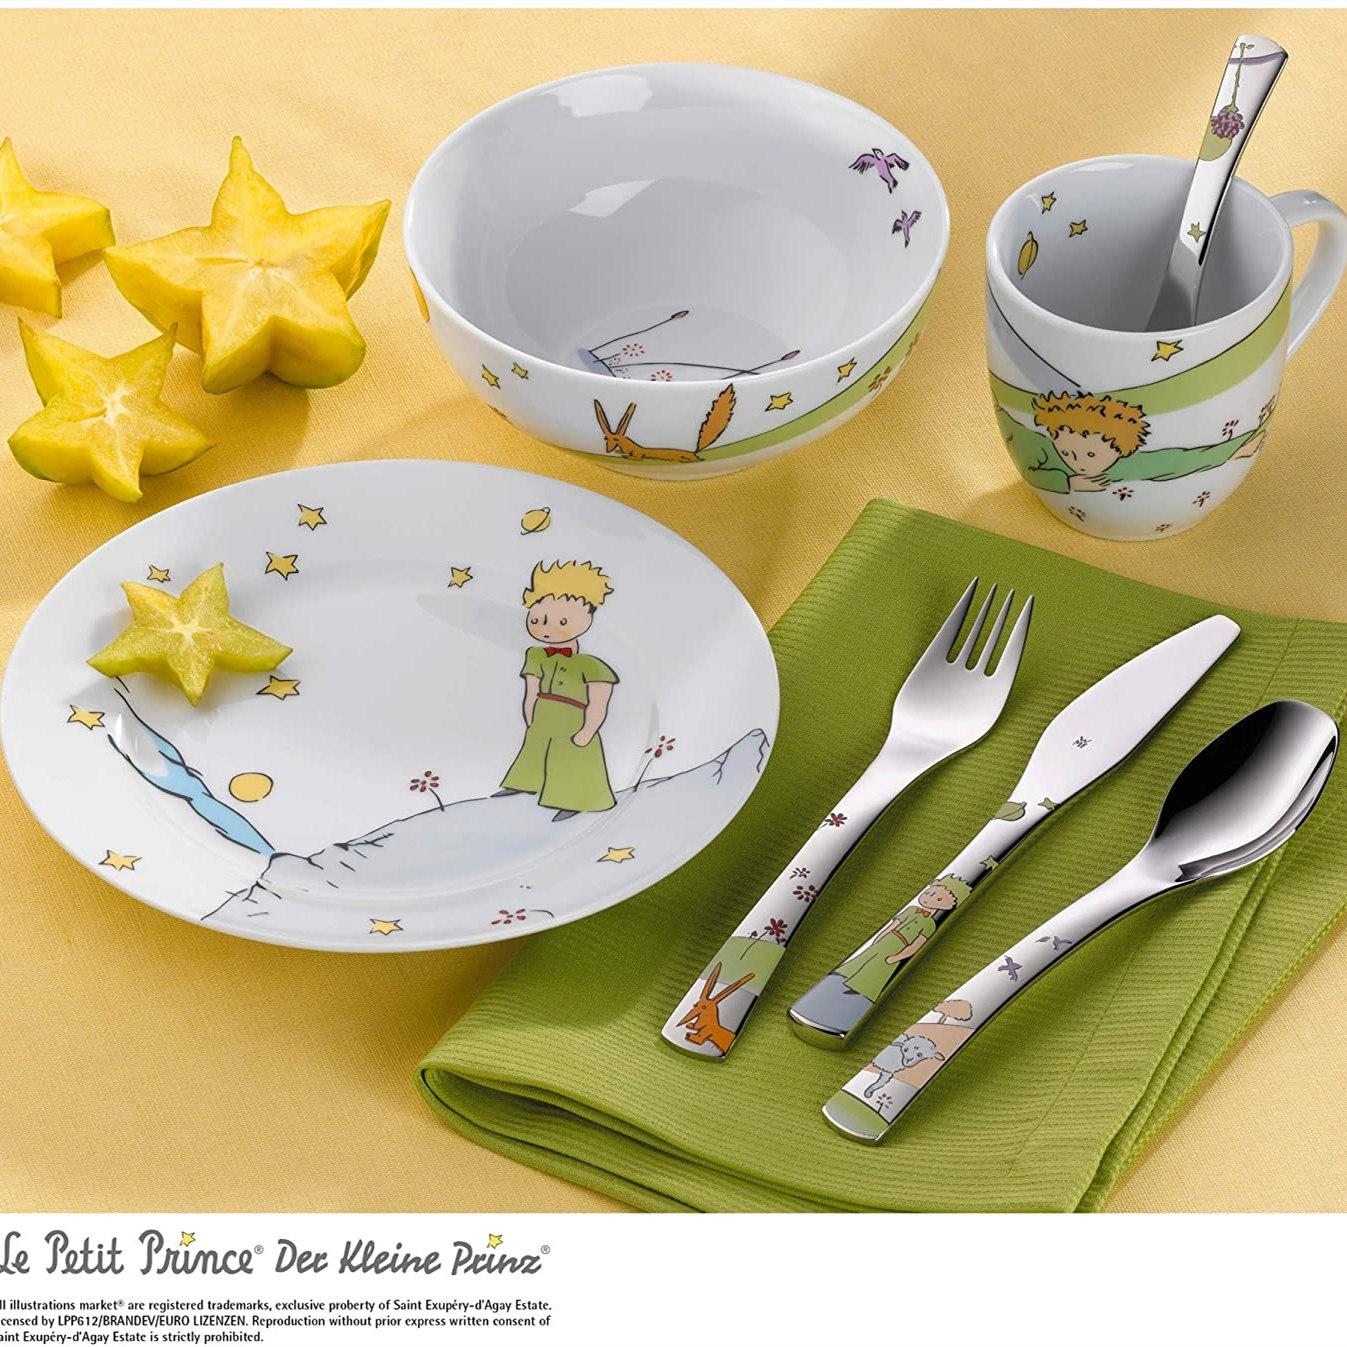 太可了!WMF小王子不锈钢儿童餐具4件组,小狐狸们一定不能错过!